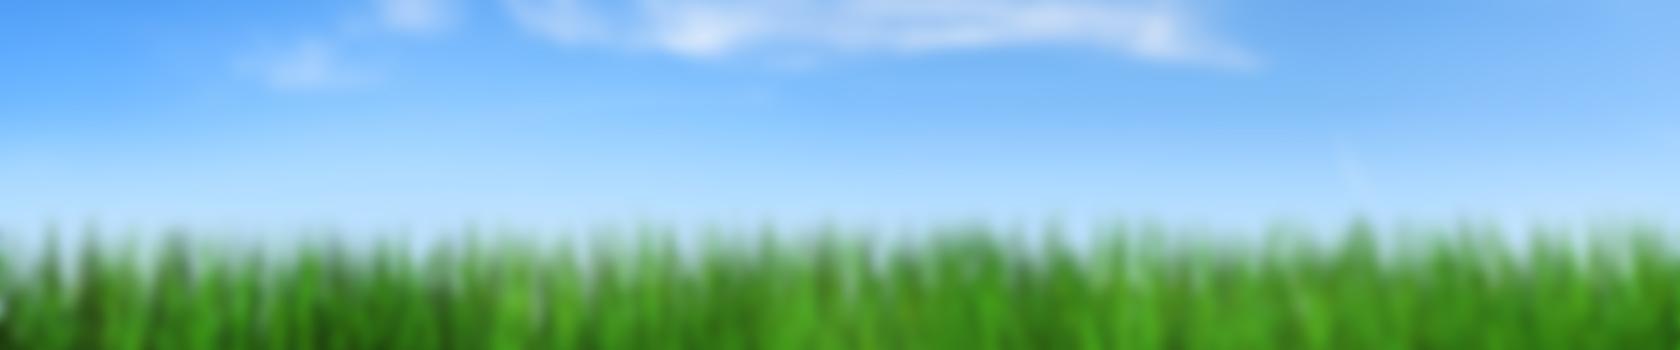 grass_2